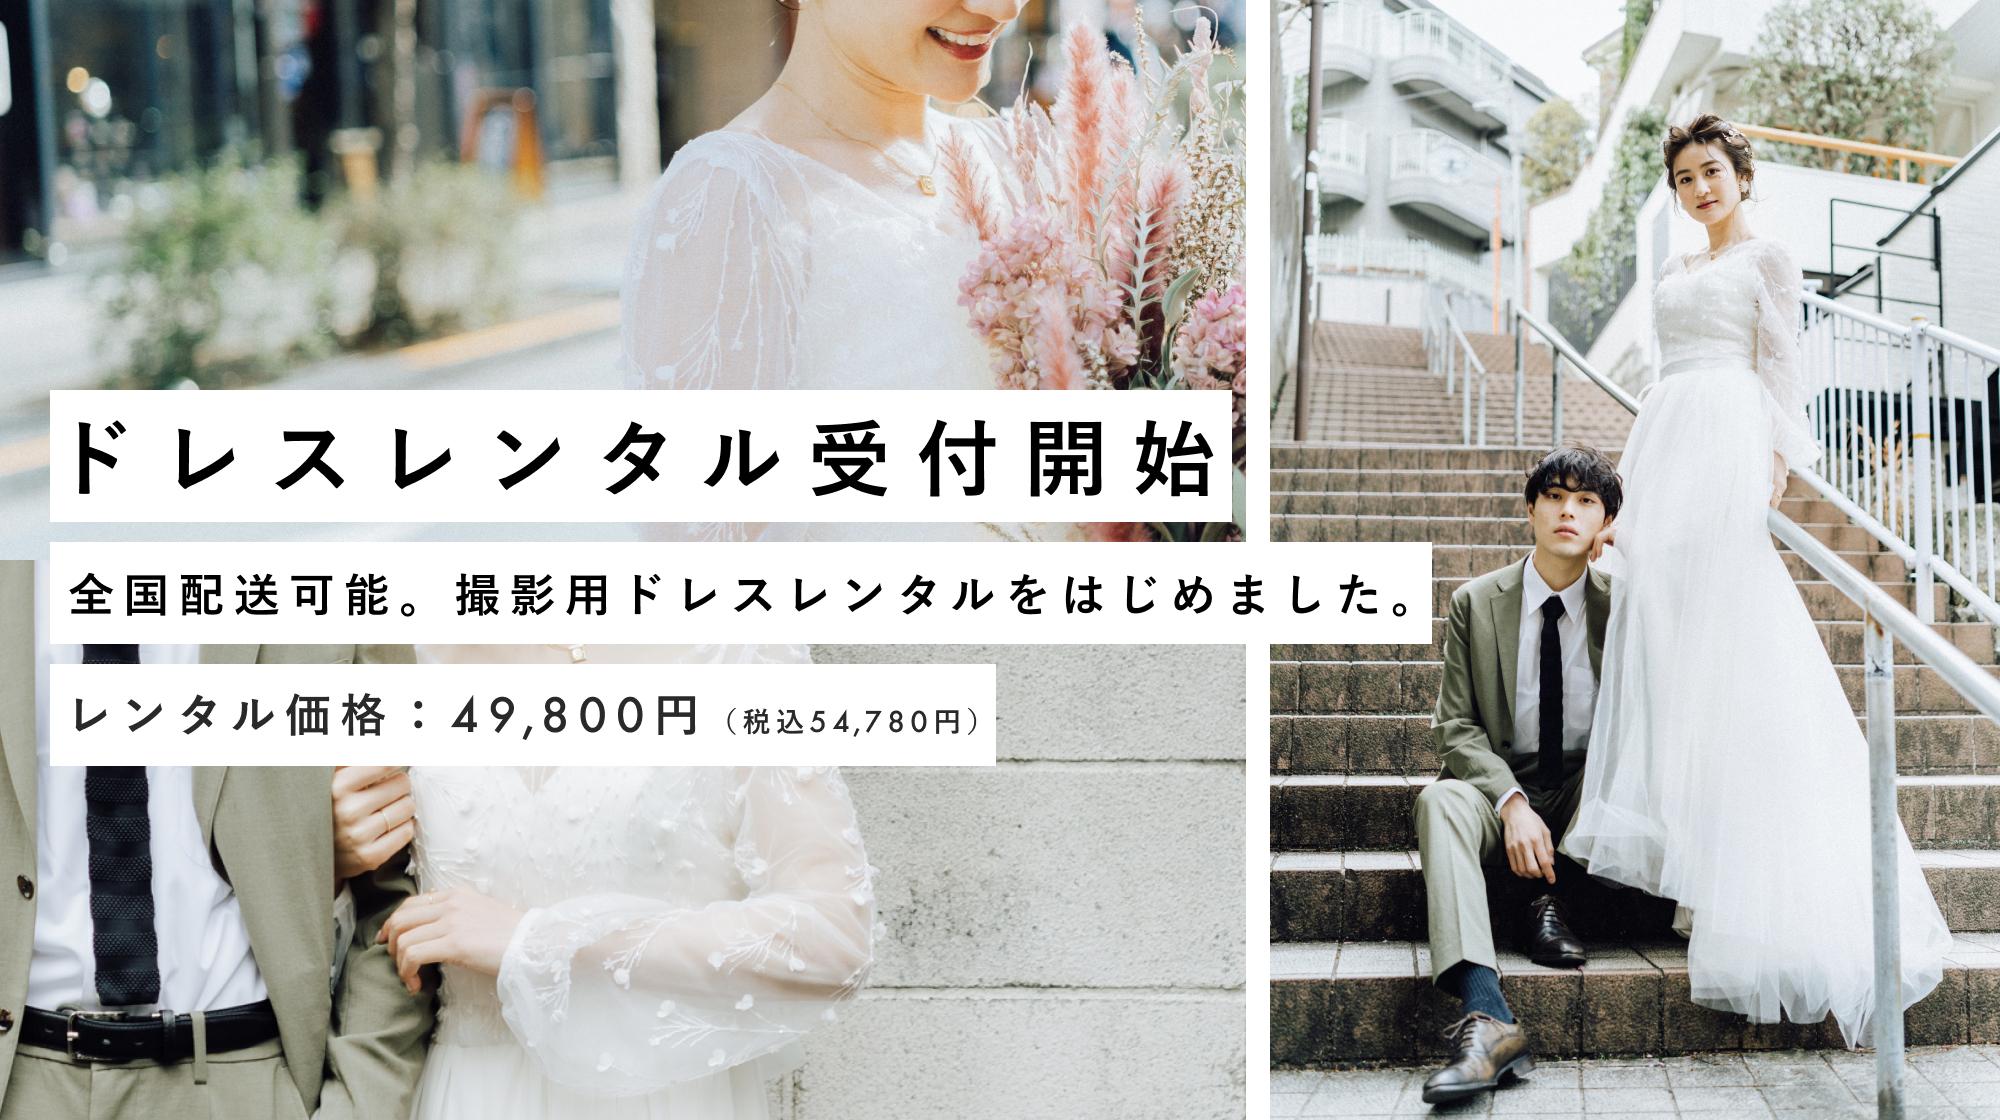 """ウェディングフォトプラン専用""""ドレスレンタル""""の受付を開始しました!"""